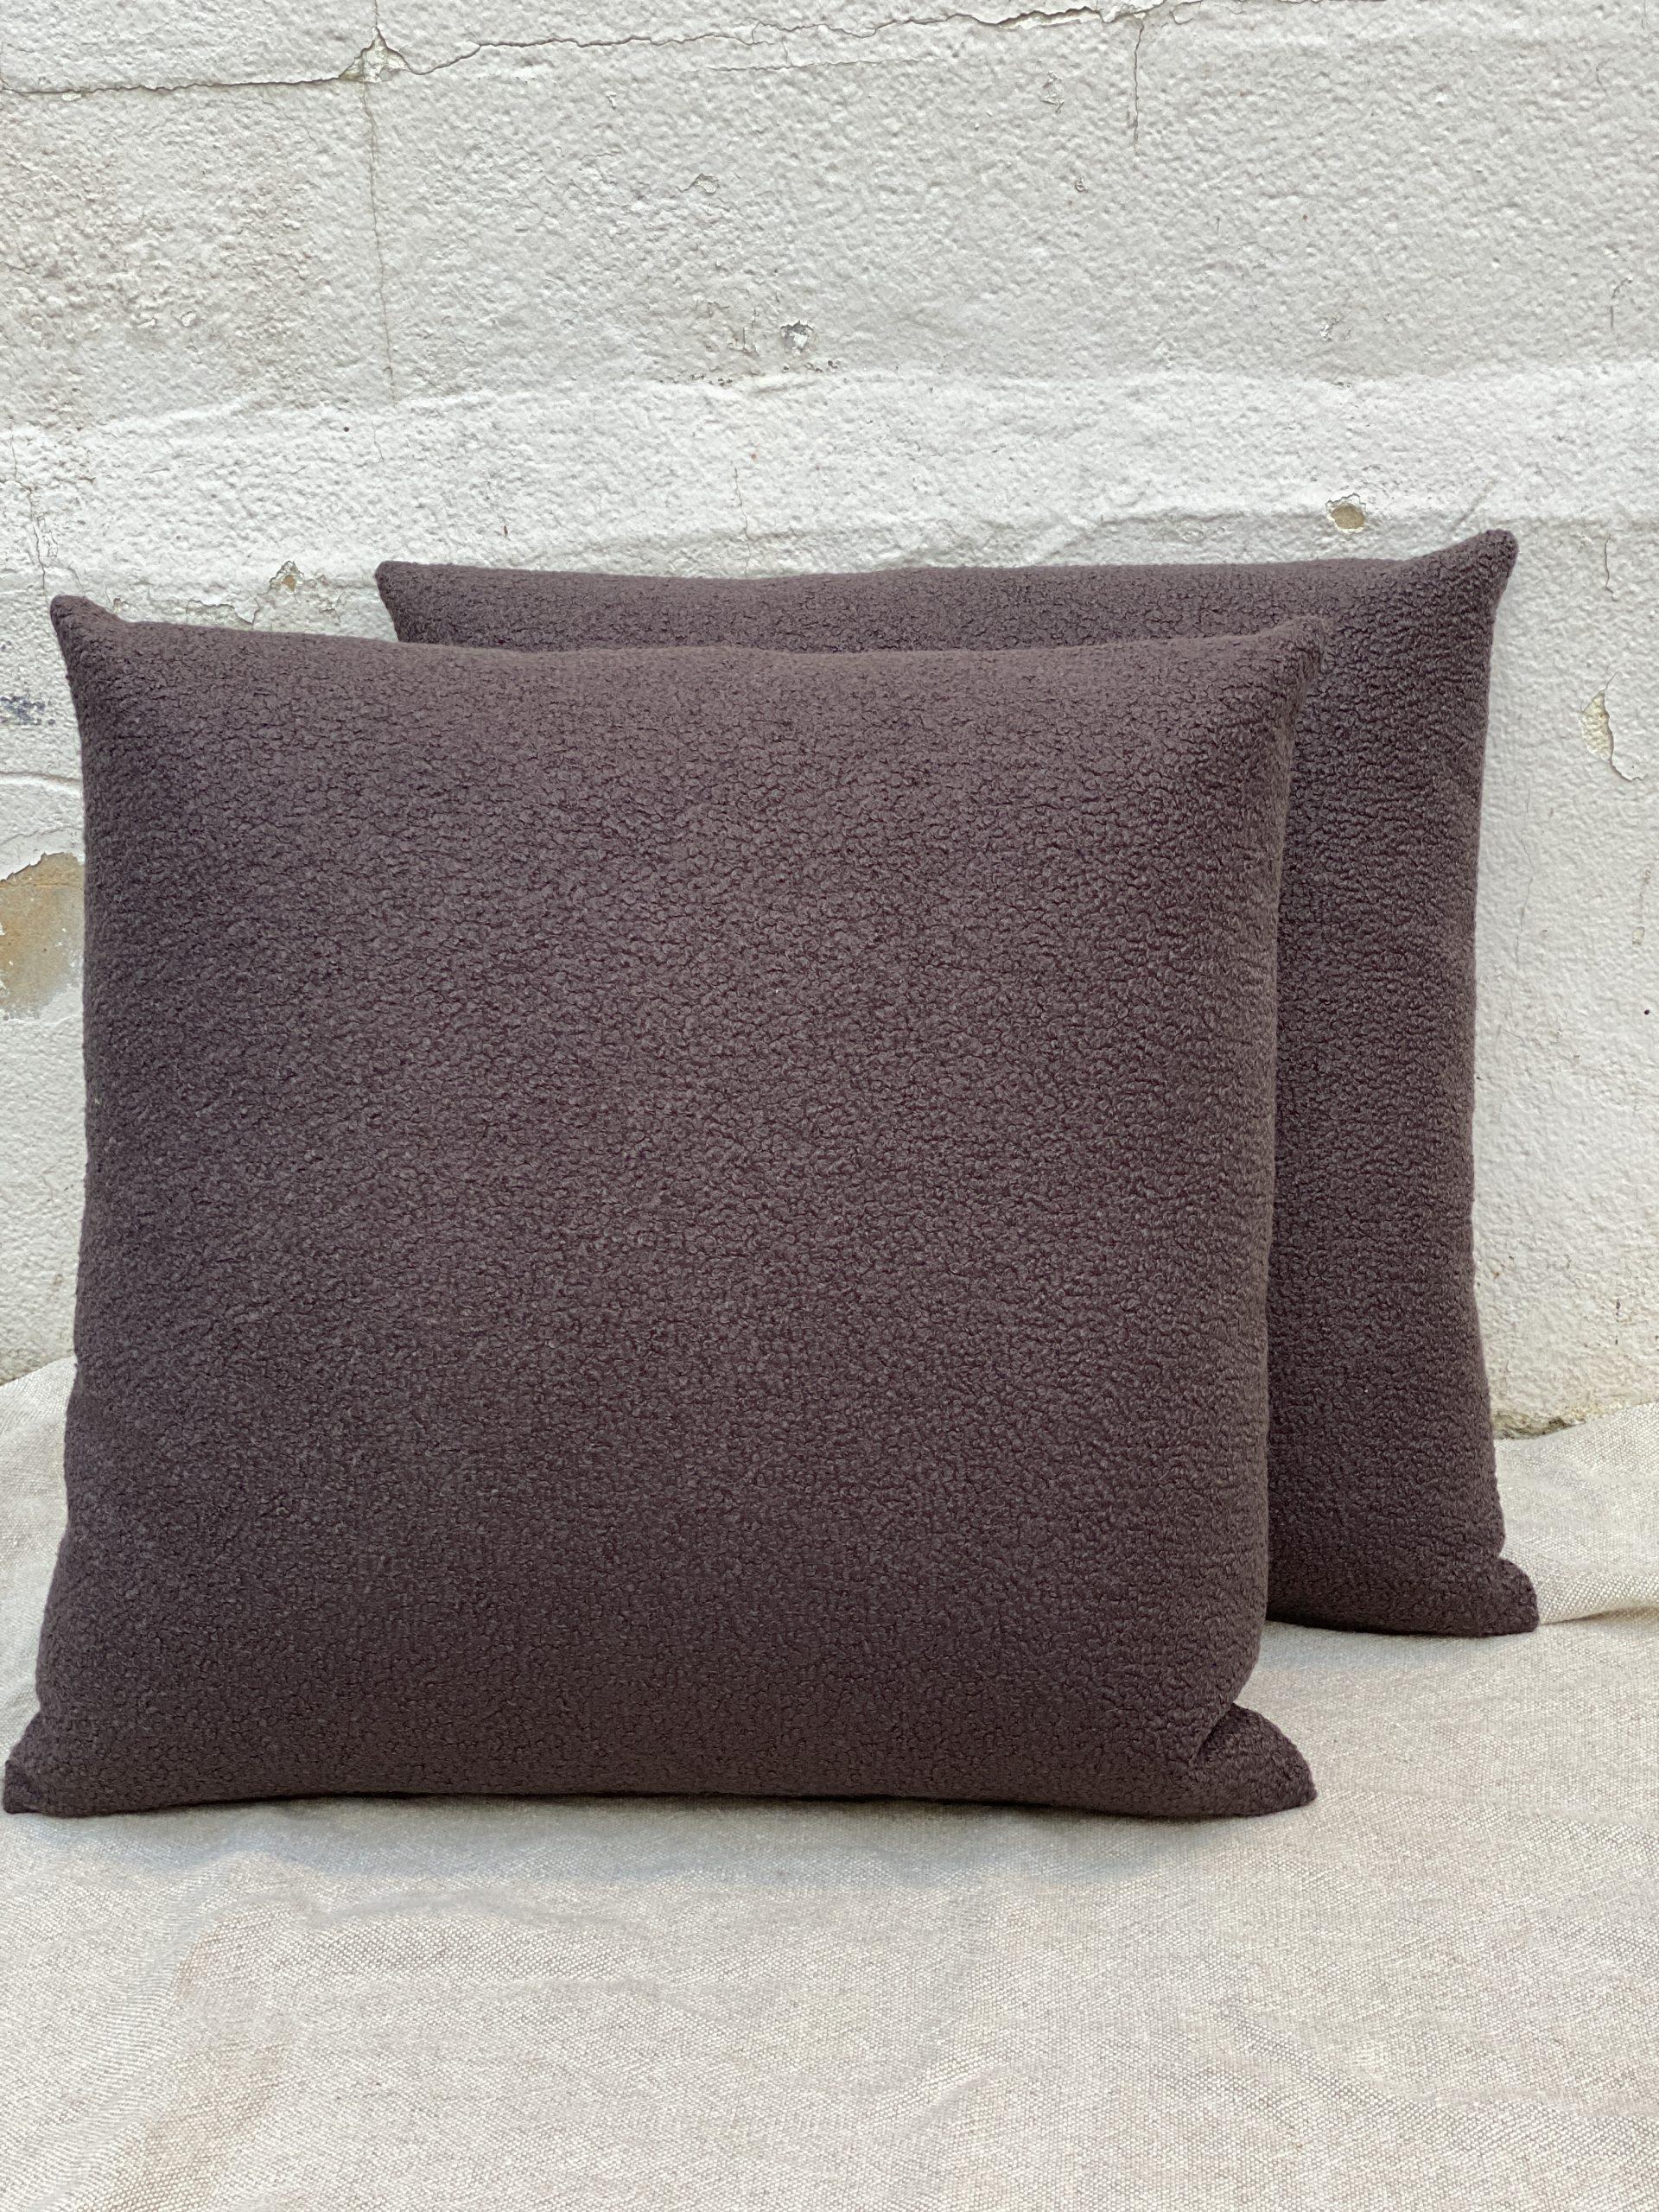 Erica Burns Interiors Pillows